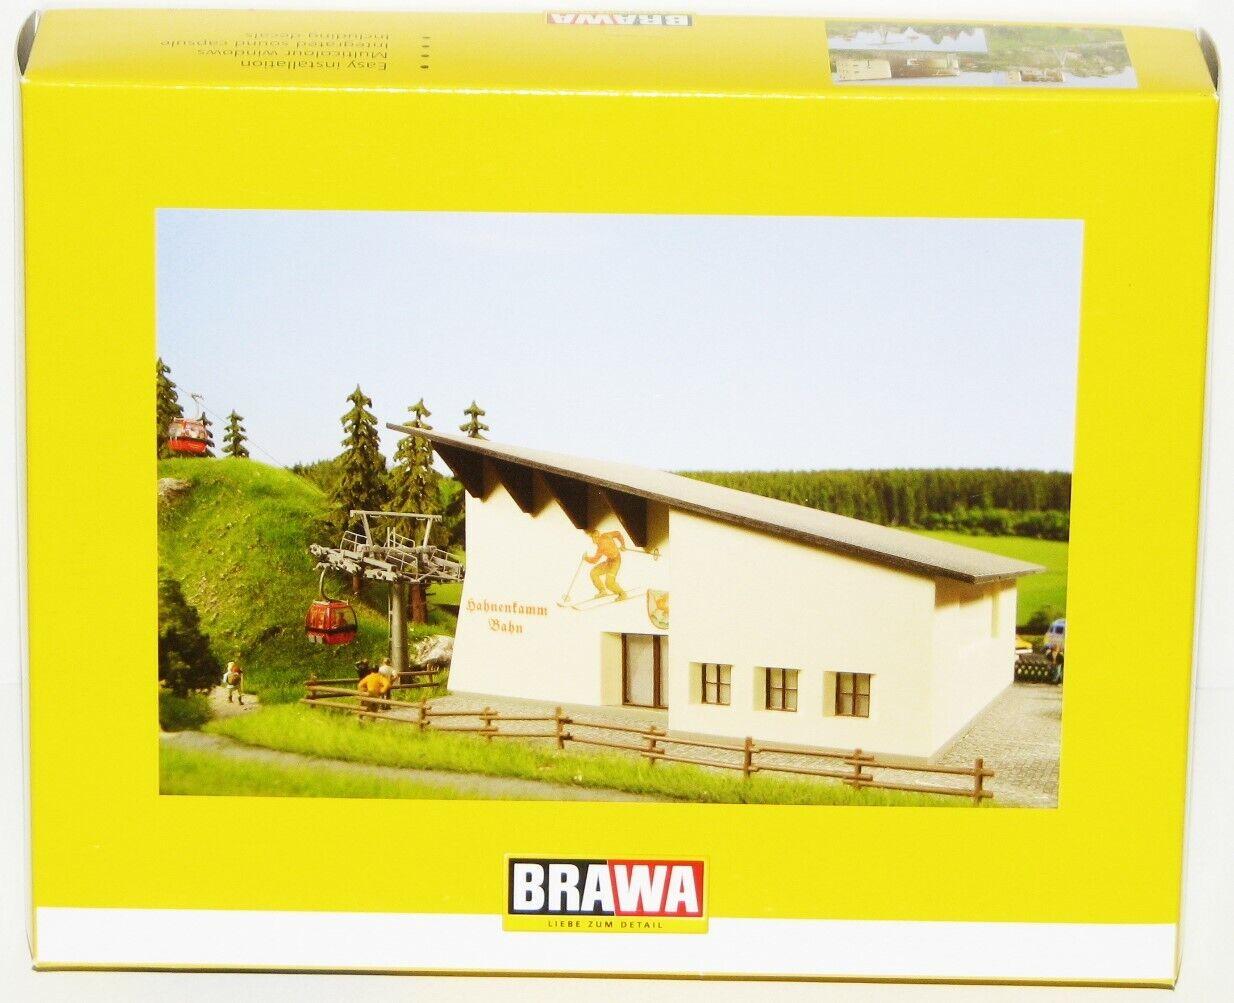 Brawa h0 6343 hahnenkammbahn edificio conjunto de Nagorno-y teleféricos-nuevo + embalaje original